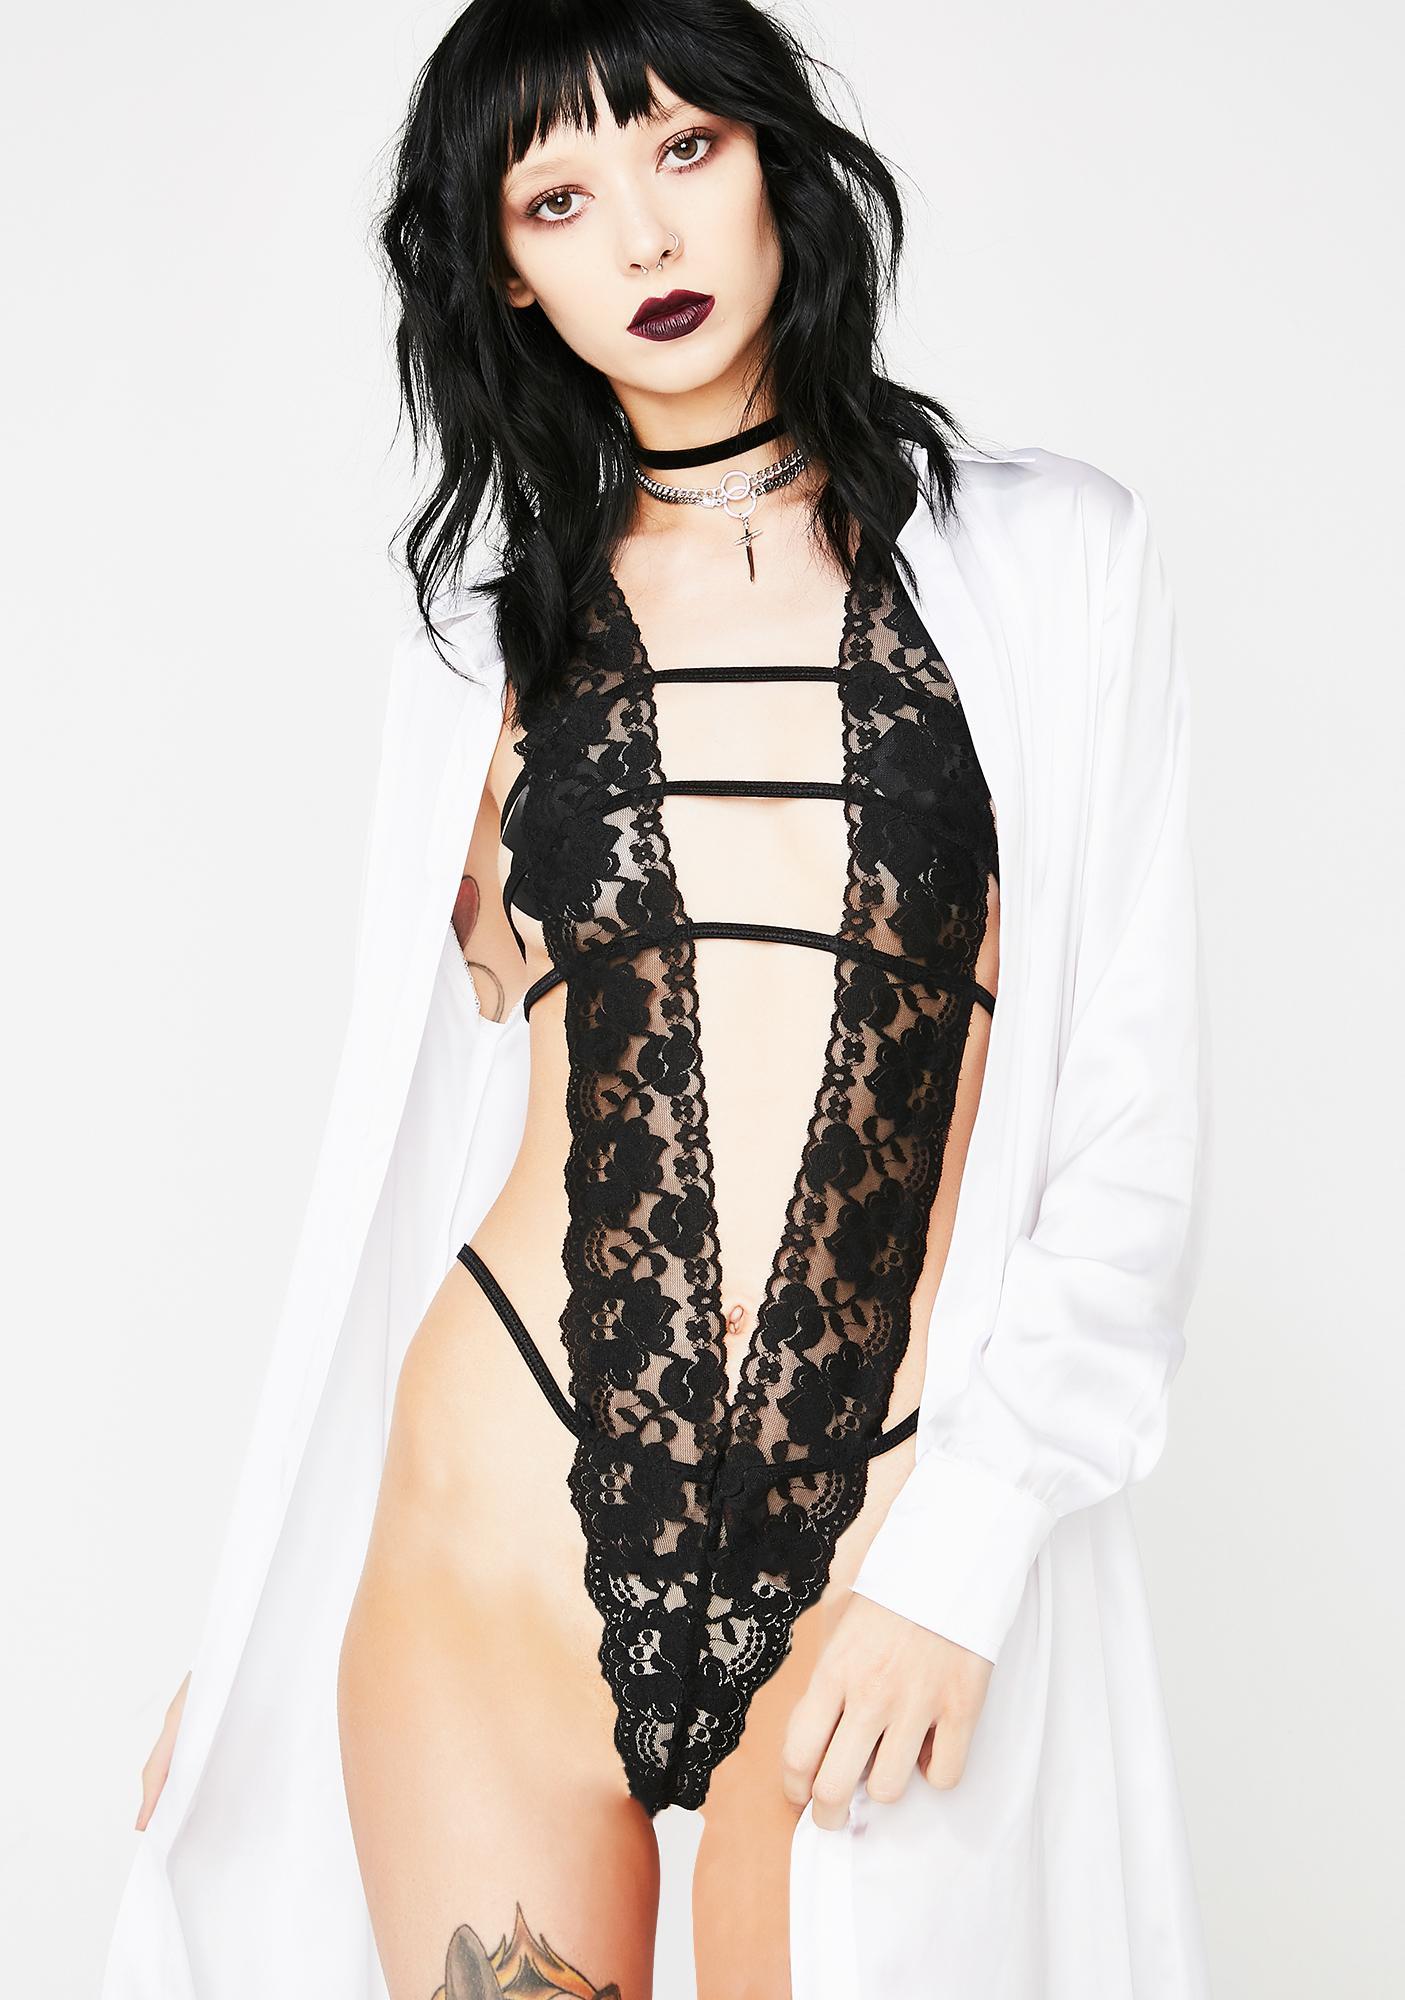 V Is For Vixen Lace Bodysuit